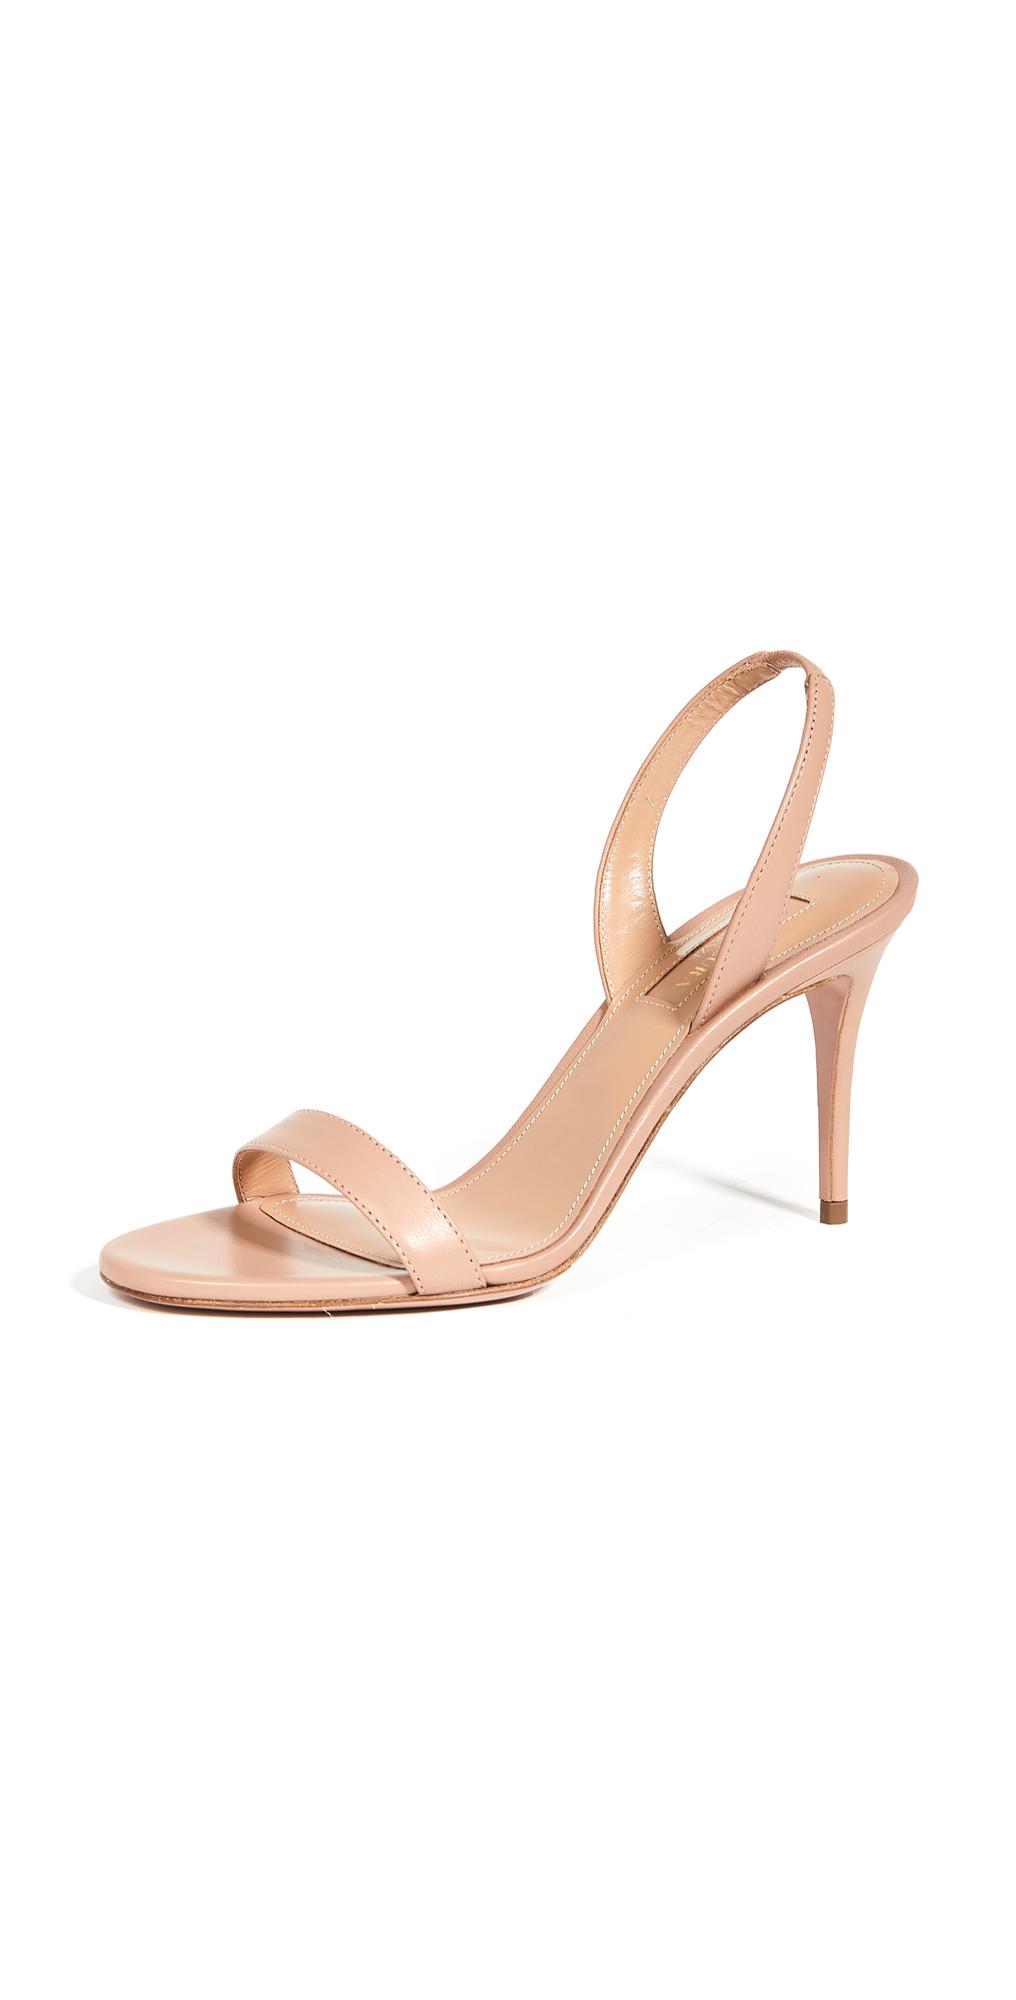 Aquazzura So Nude Sandals 85mm